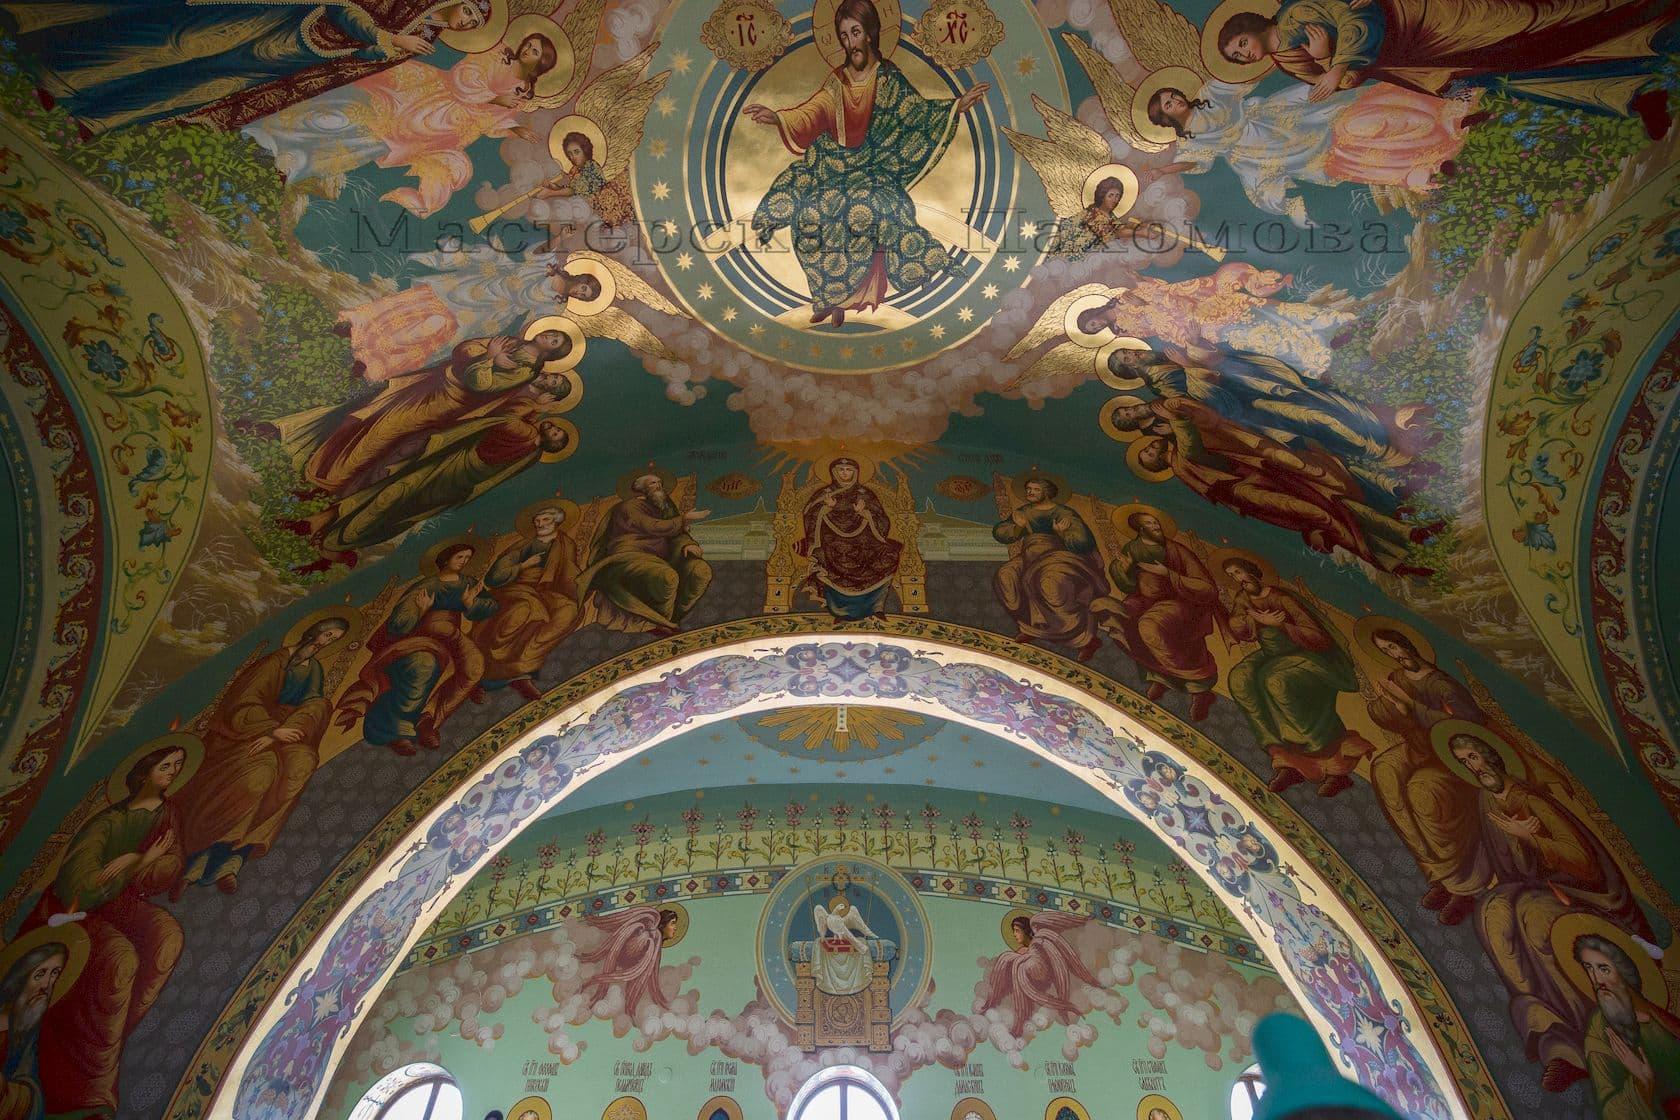 Роспись стен церкви. Мастерская Пахомова